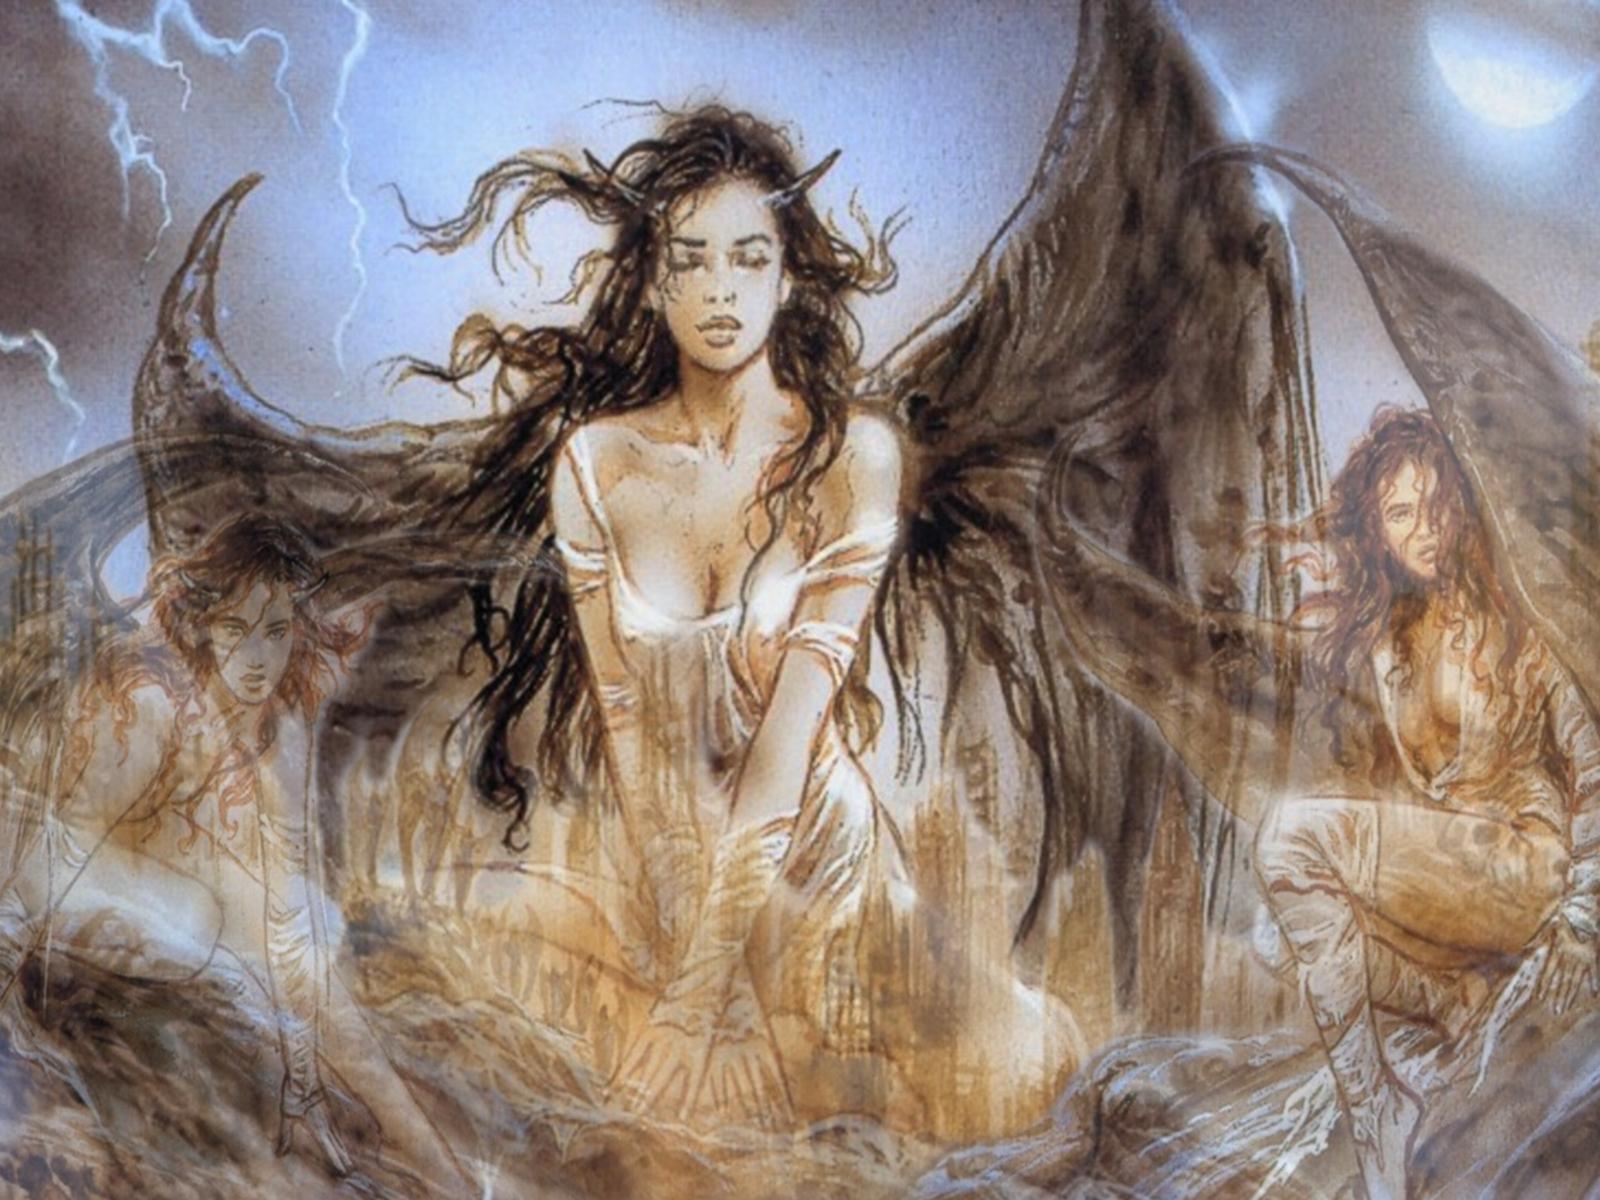 уськаман картинки на рабочий стол ангелы в хорошем качестве временем шуба